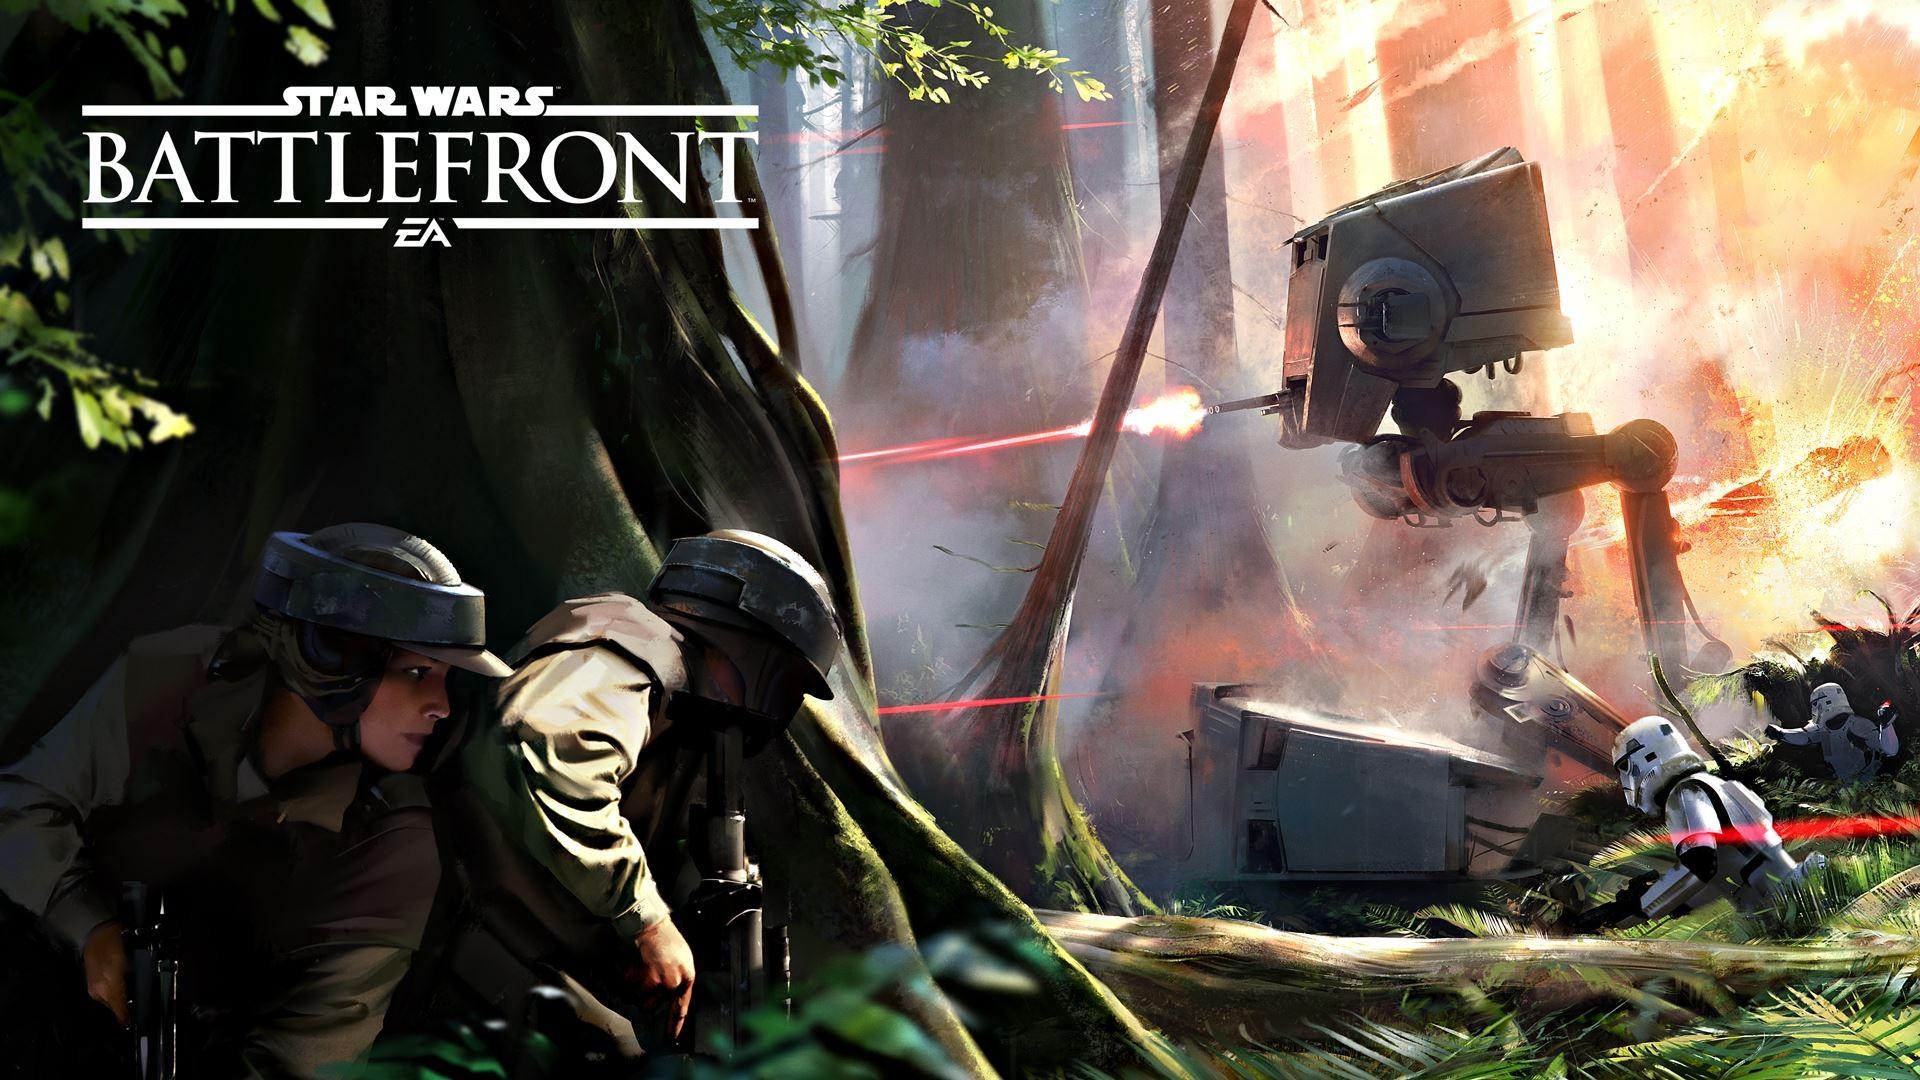 General 1920x1080 Star Wars Star Wars: Battlefront Endor AT-ST Battle of Endor Rebel Alliance stormtrooper